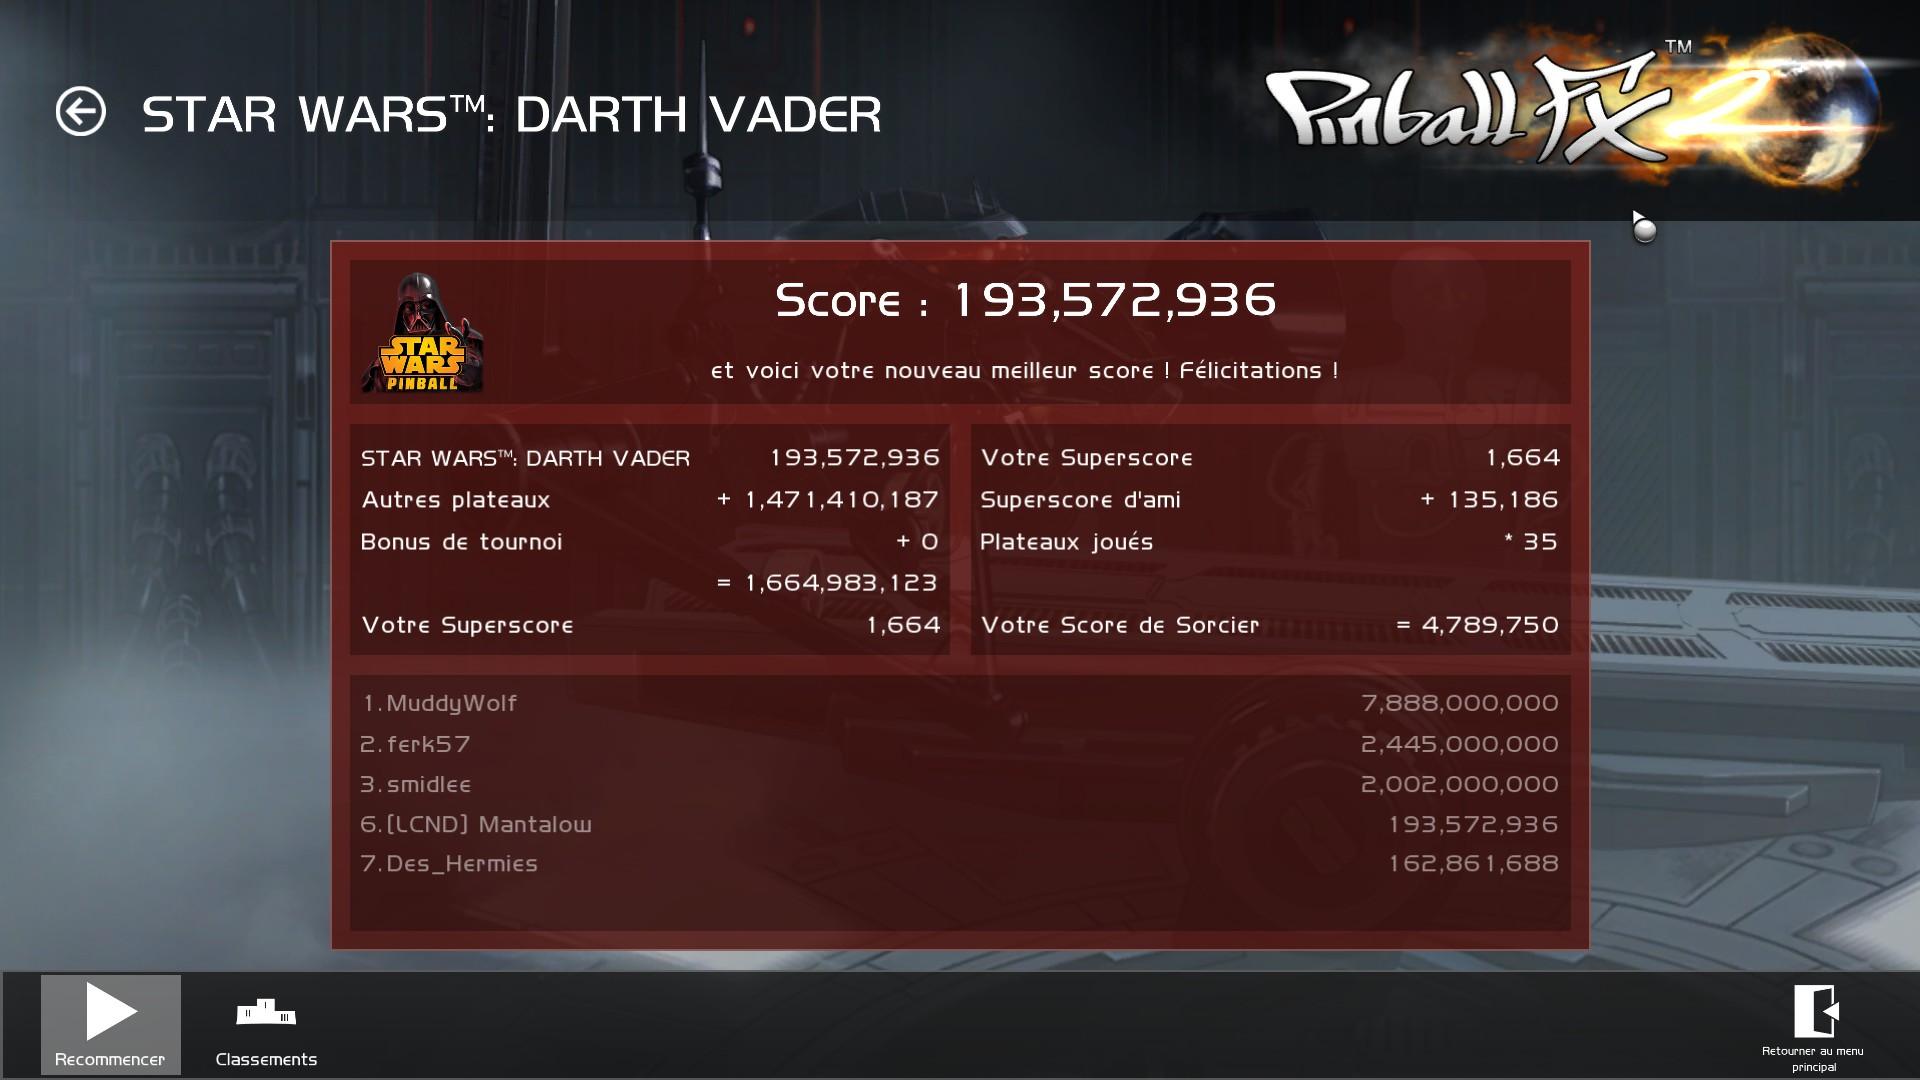 Mantalow: Pinball FX 2: Star Wars: Darth Vader (PC) 193,572,936 points on 2015-03-05 10:08:27